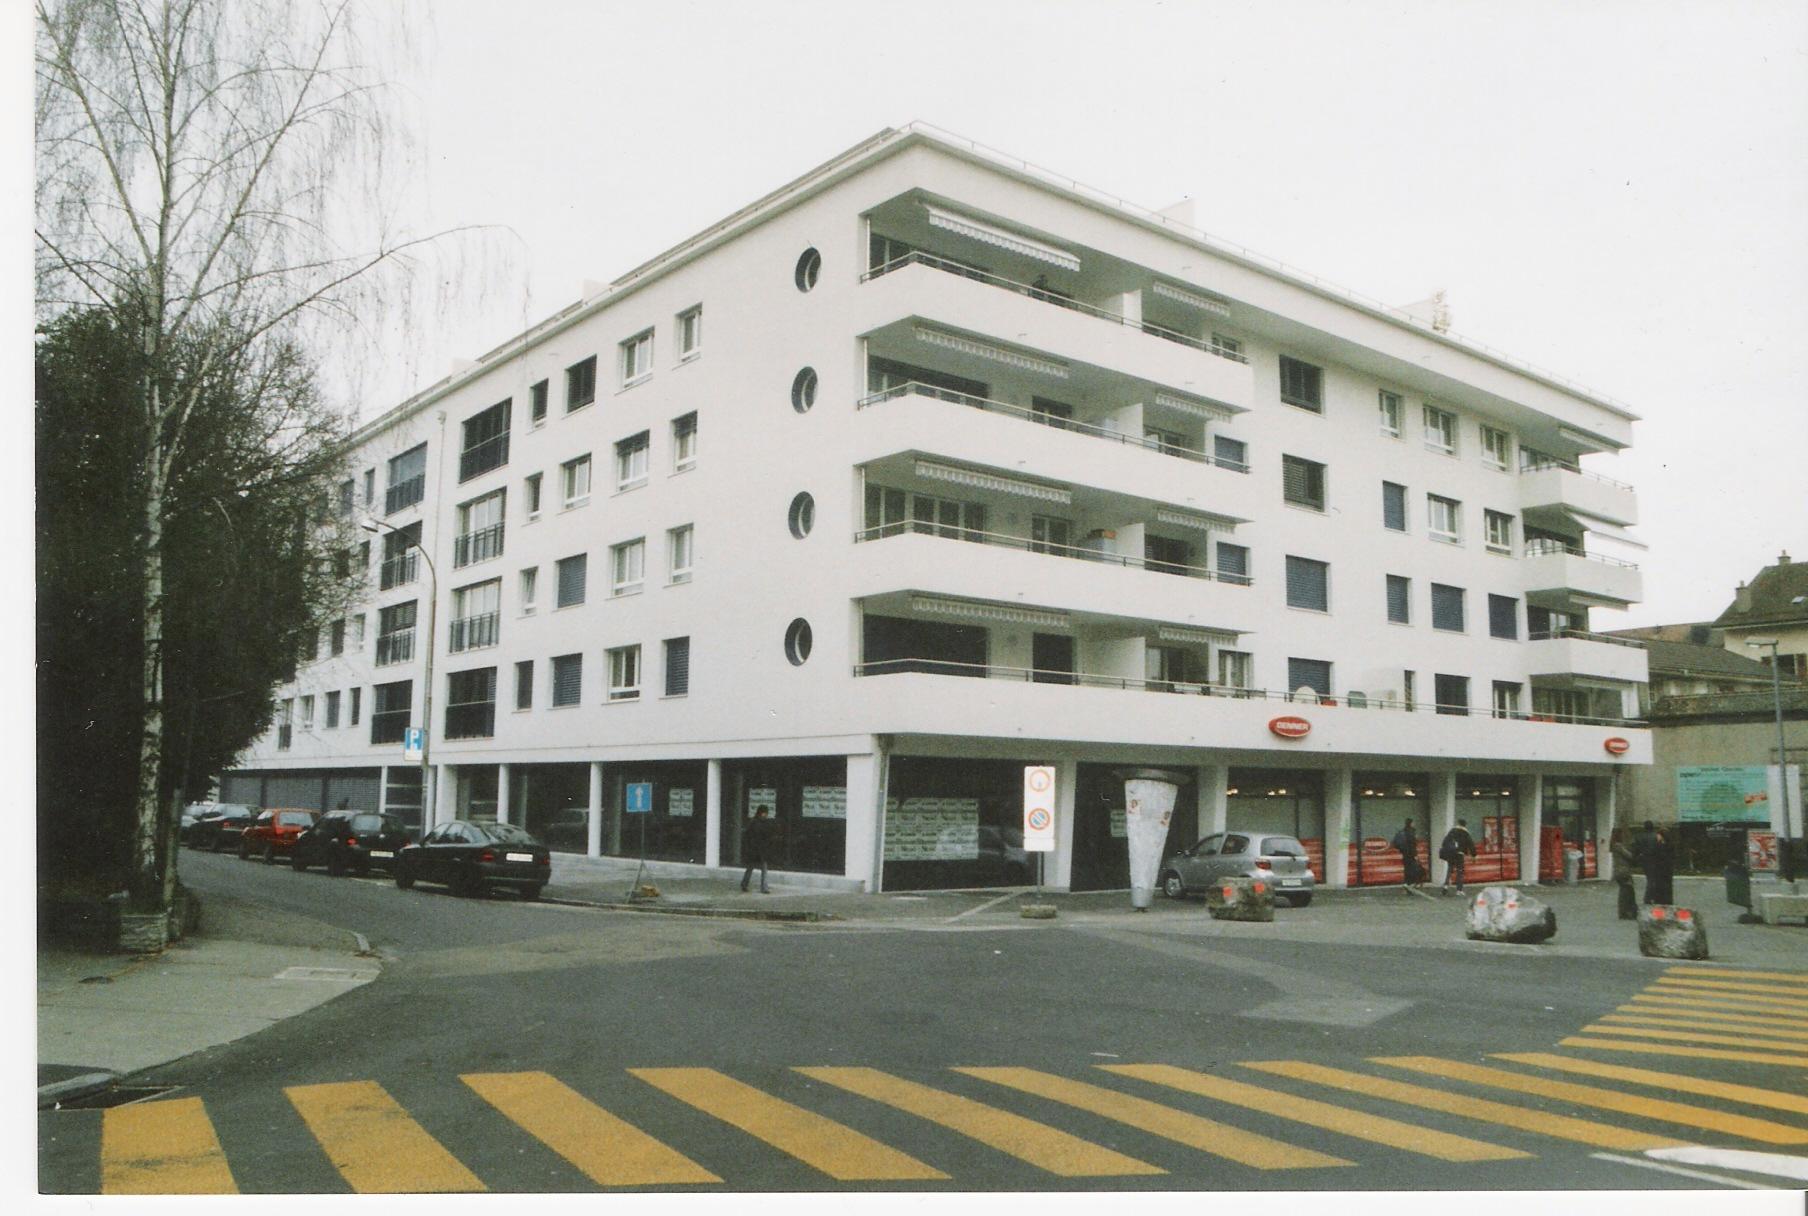 5-2004-sablon-centrale300dpi